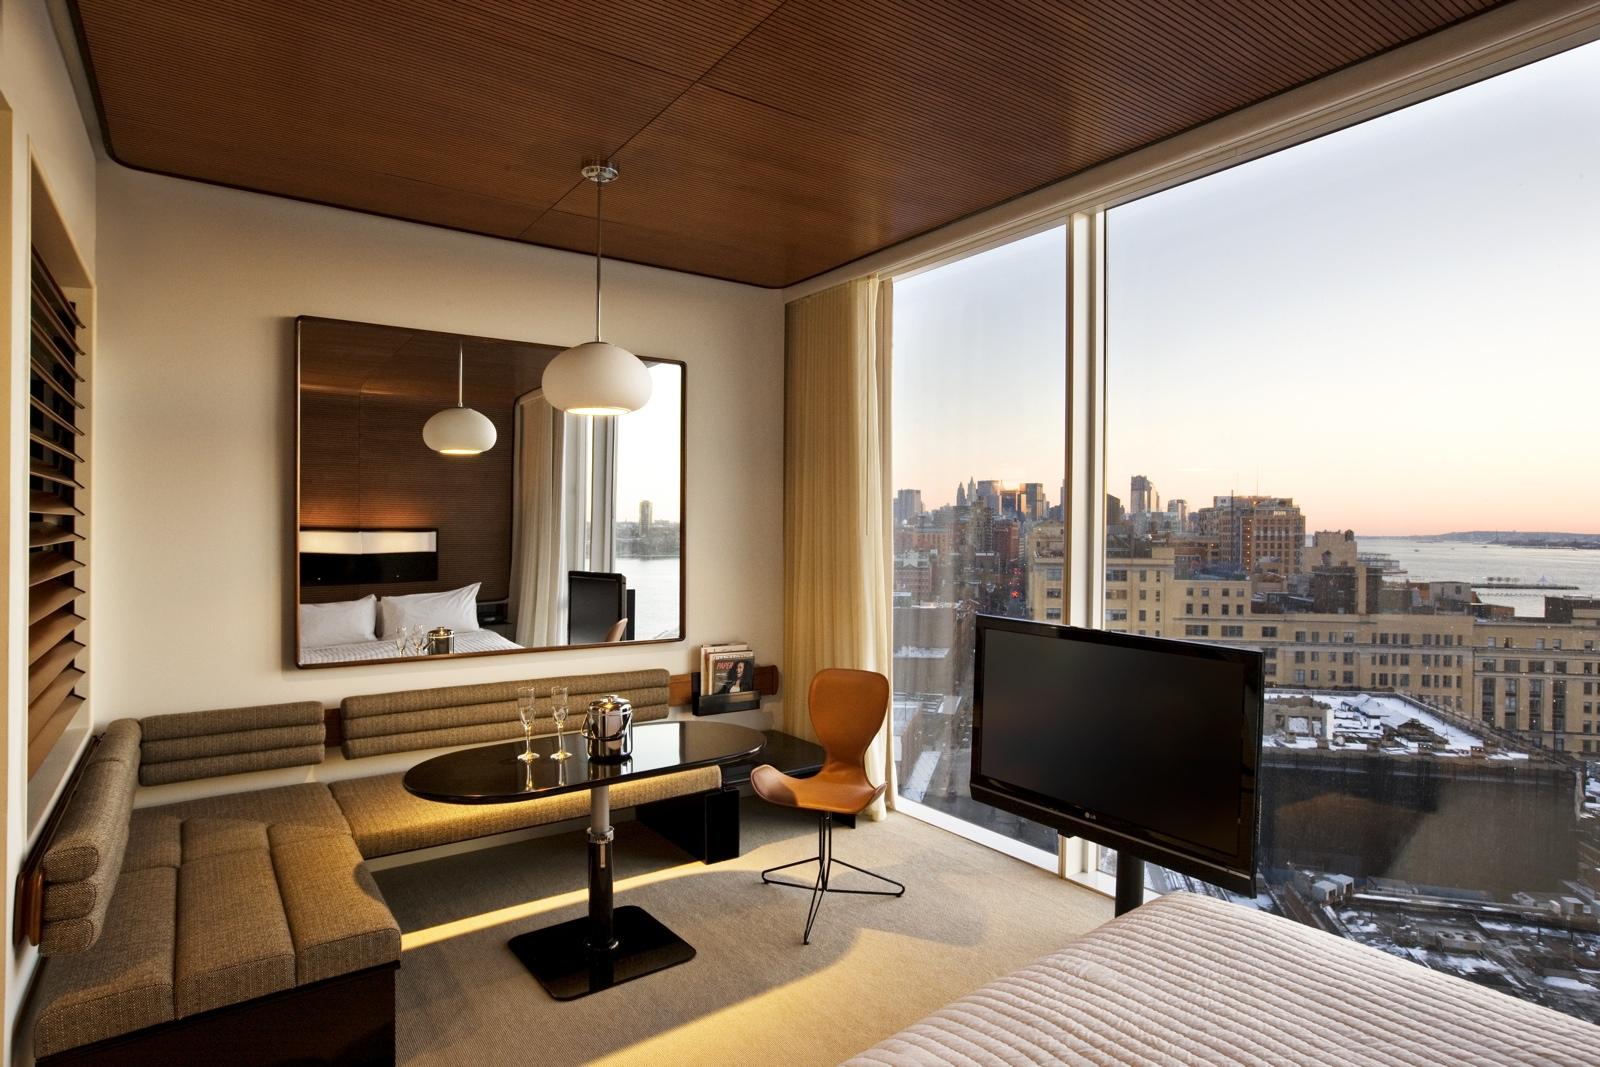 Un hôtel design au cœur de Manhattan avec une vue à couper le souffle sur New-York